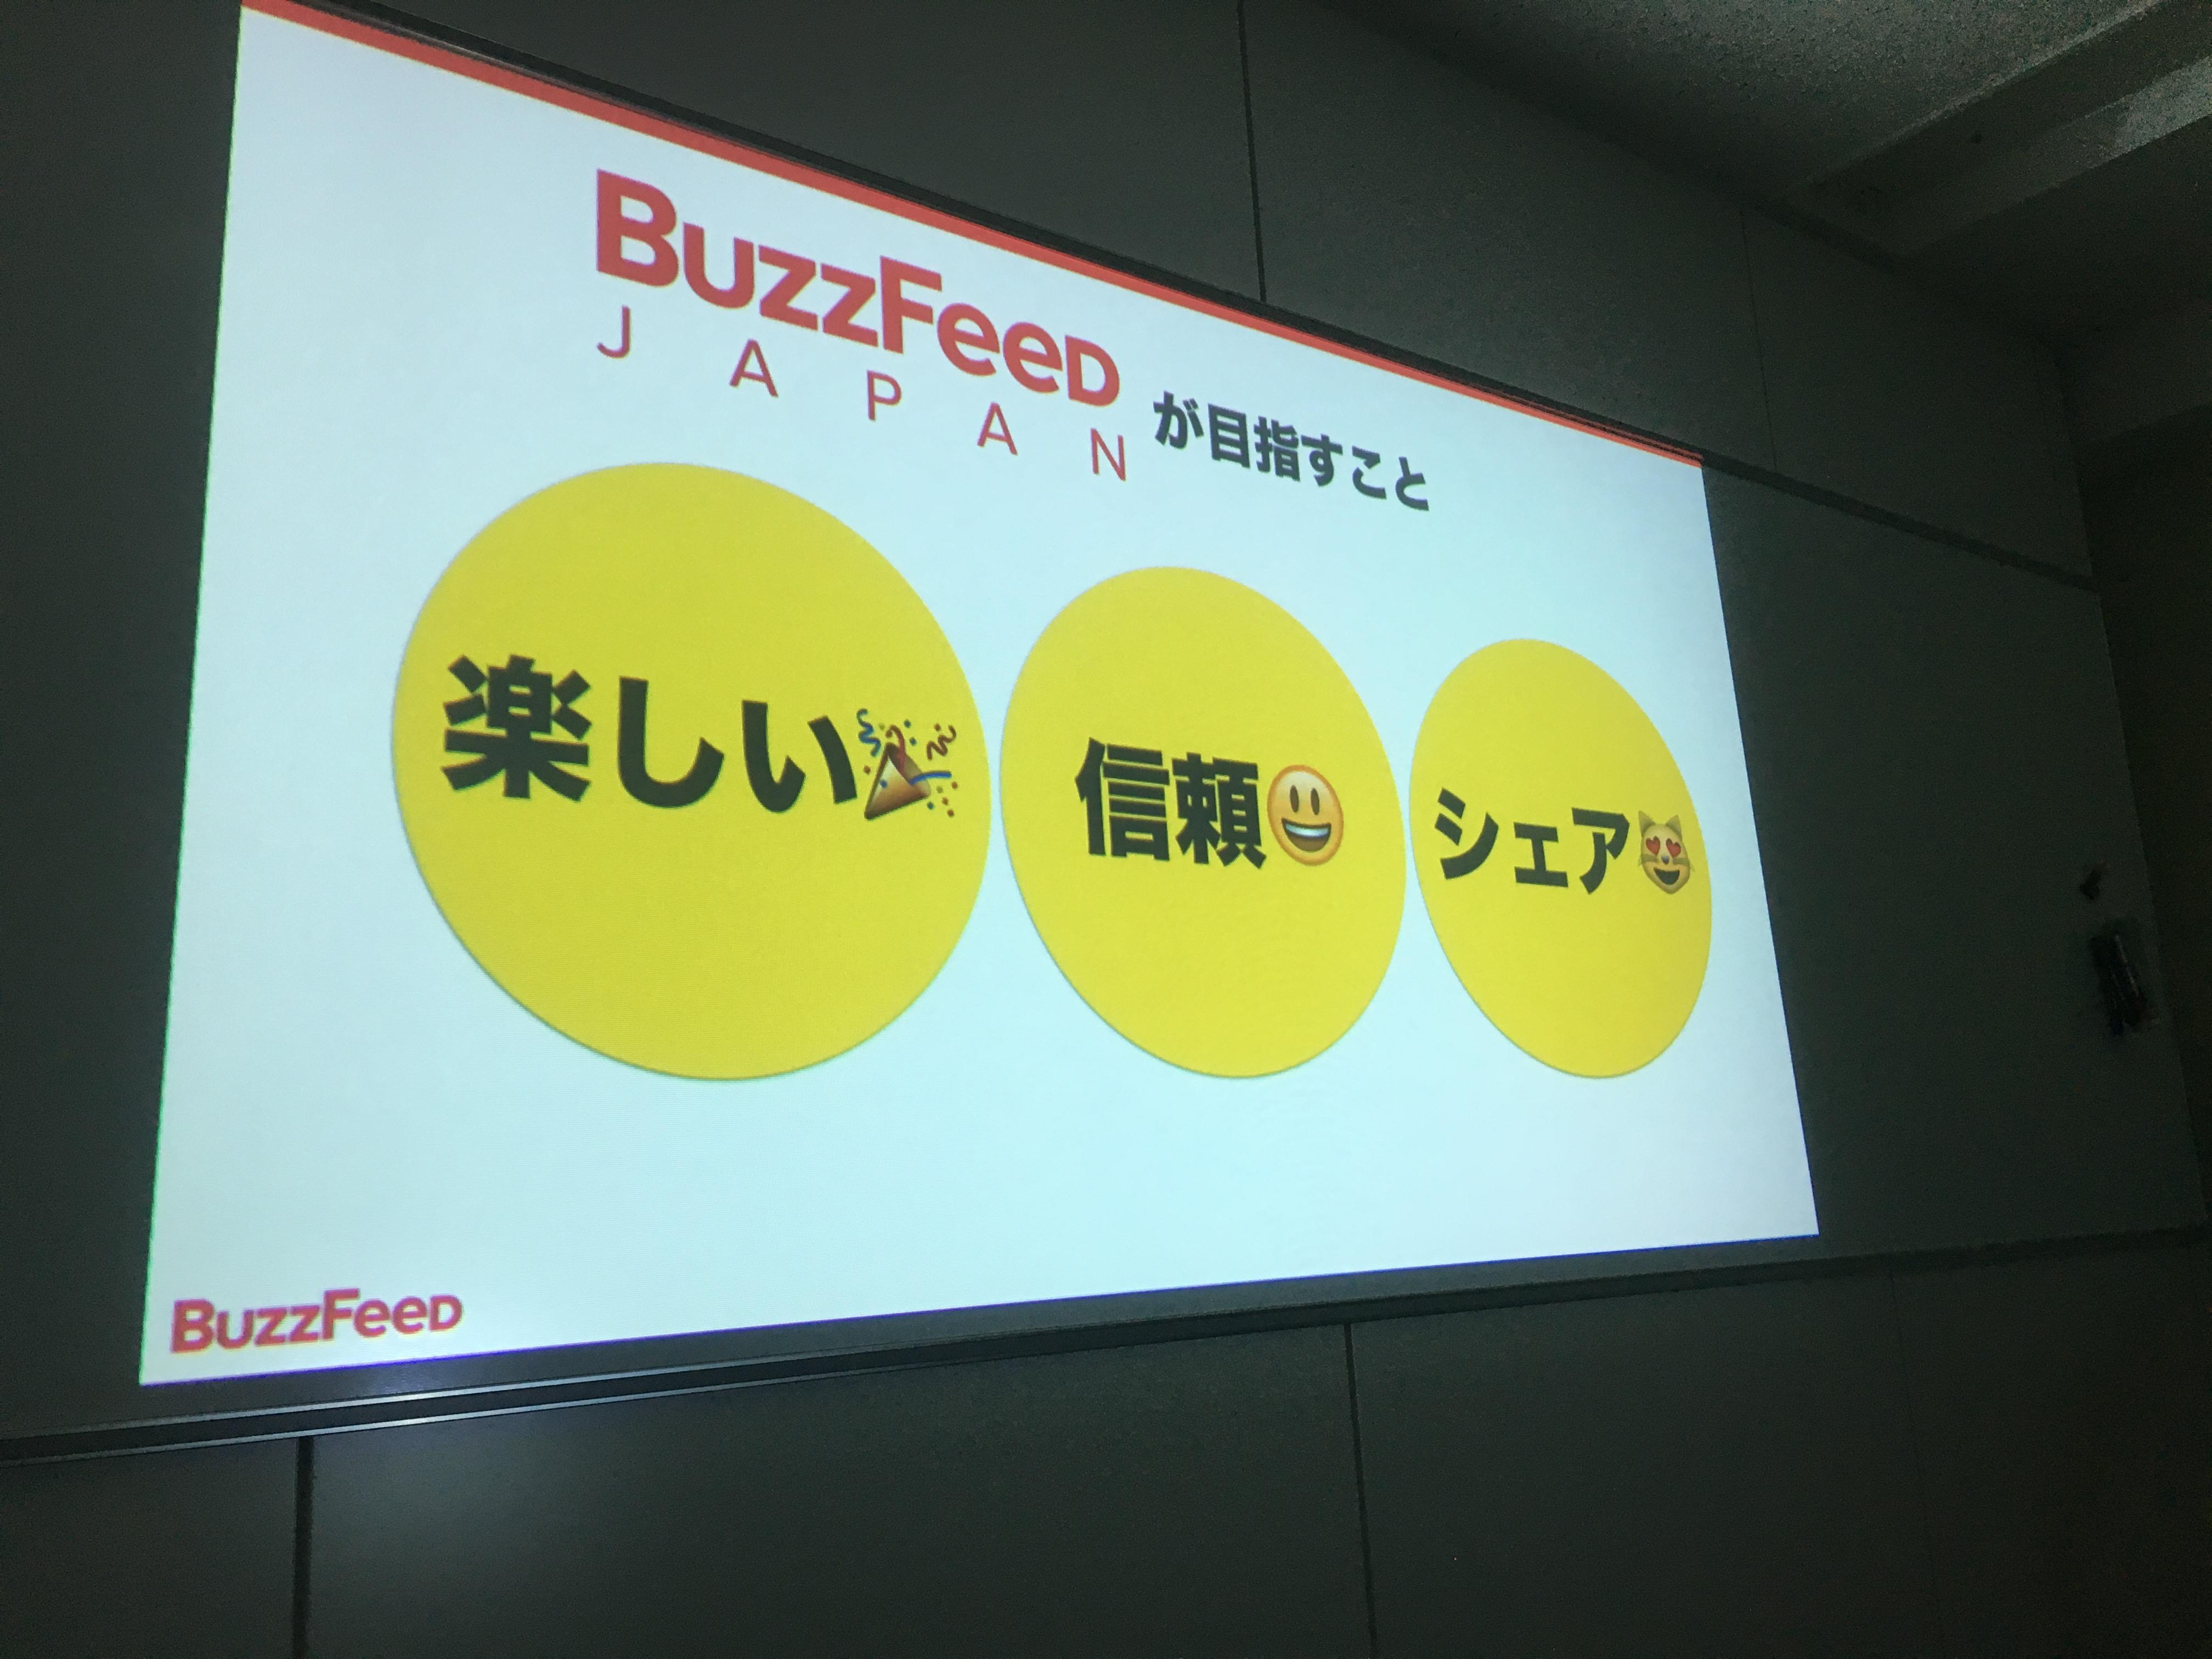 「シェアされる・バズる記事を書く考え方〜BuzzFeedより〜」 ブロガーレベルアップ講座 を開催しました